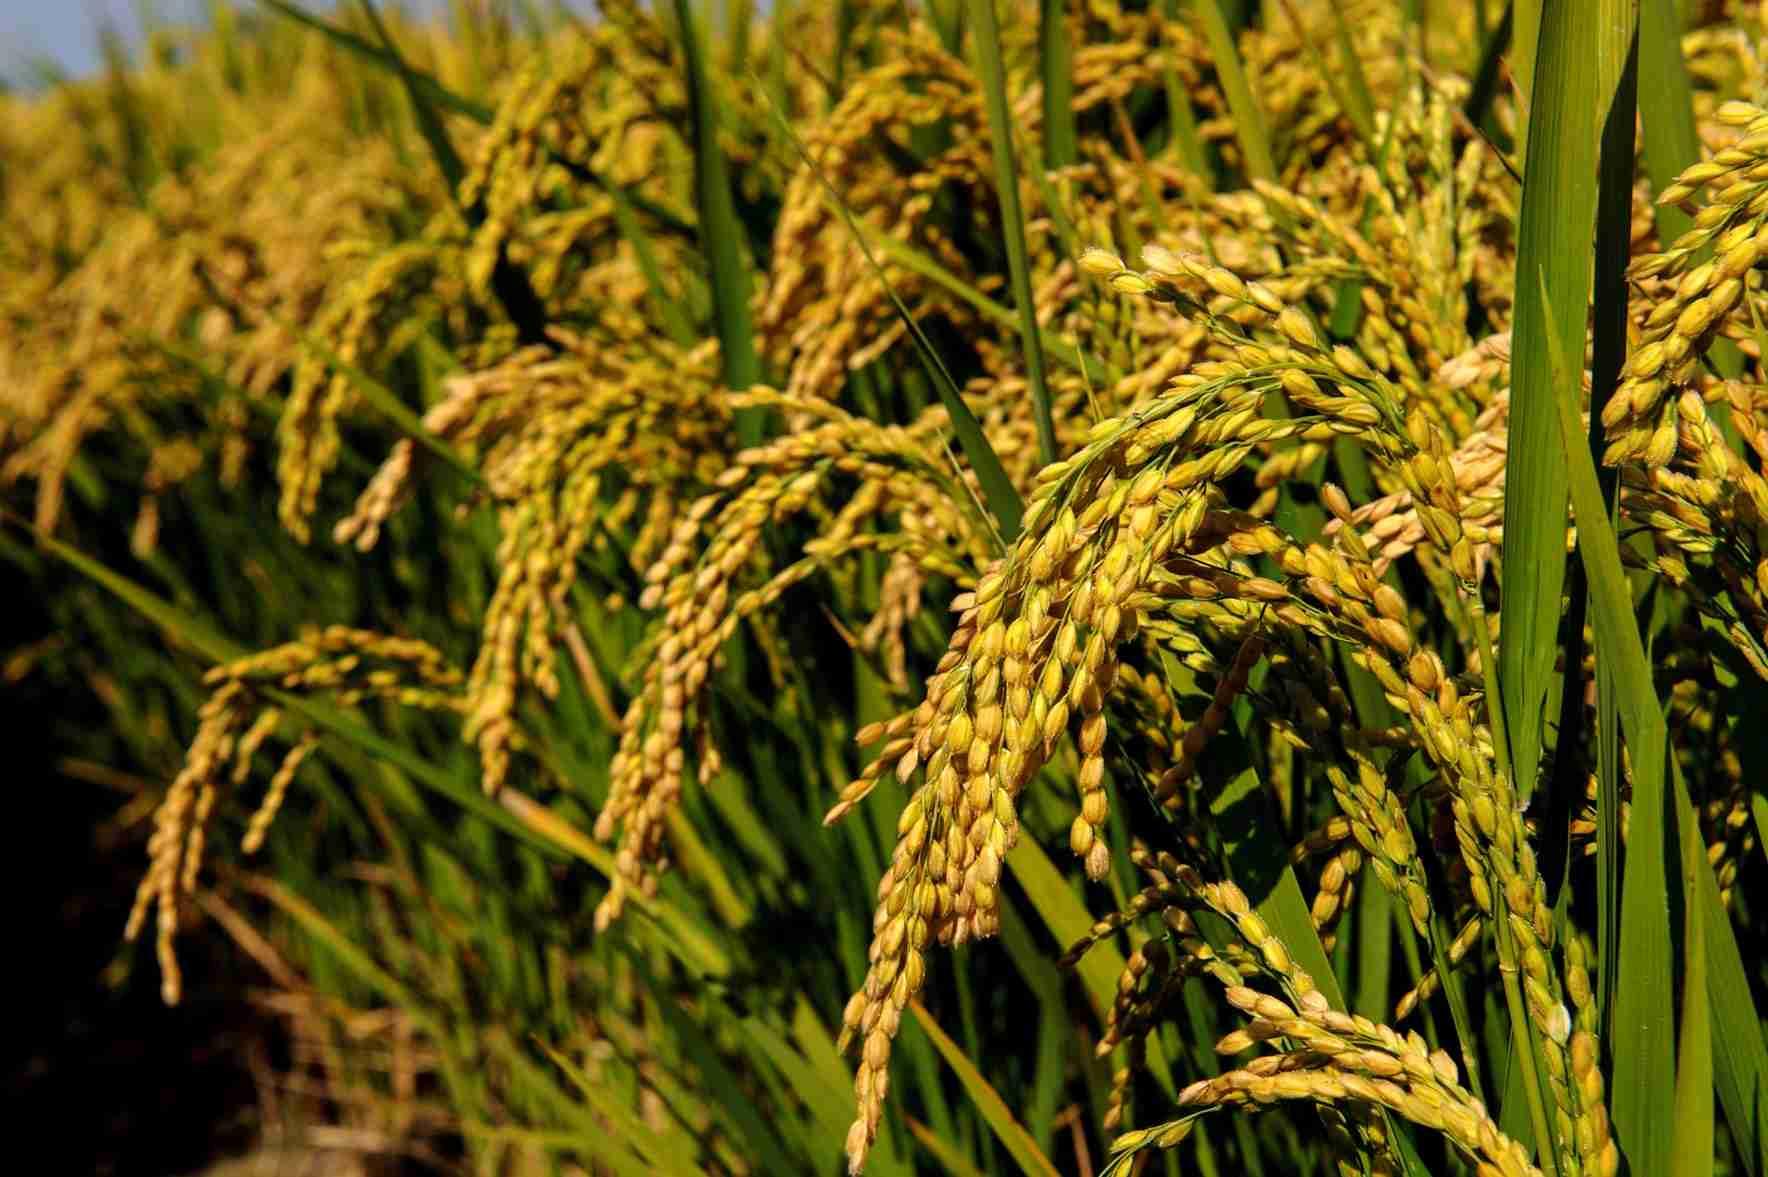 sementi riso cerere dettaglio grano